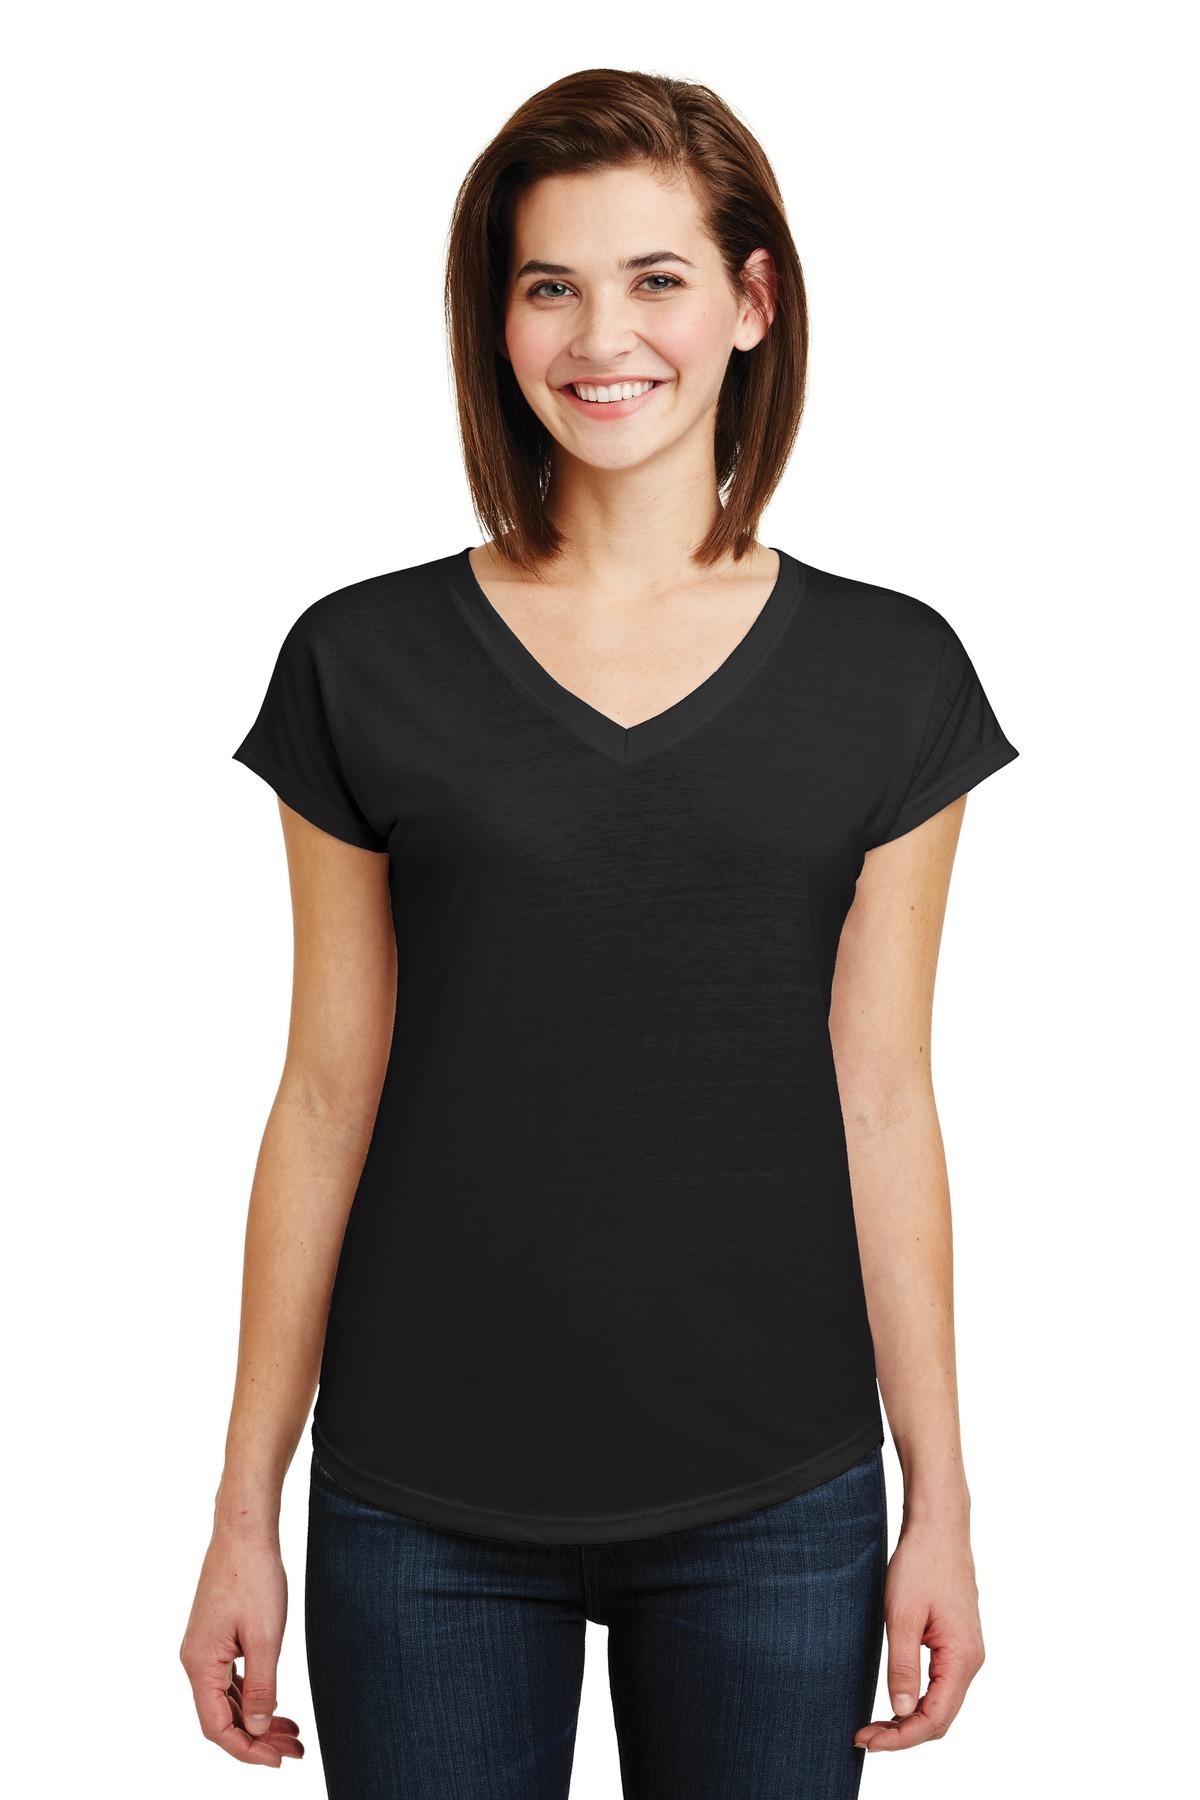 b7b4e2042ff4 Anvil ® Ladies Tri-Blend V-Neck Tee. 6750VL – Visual Inception